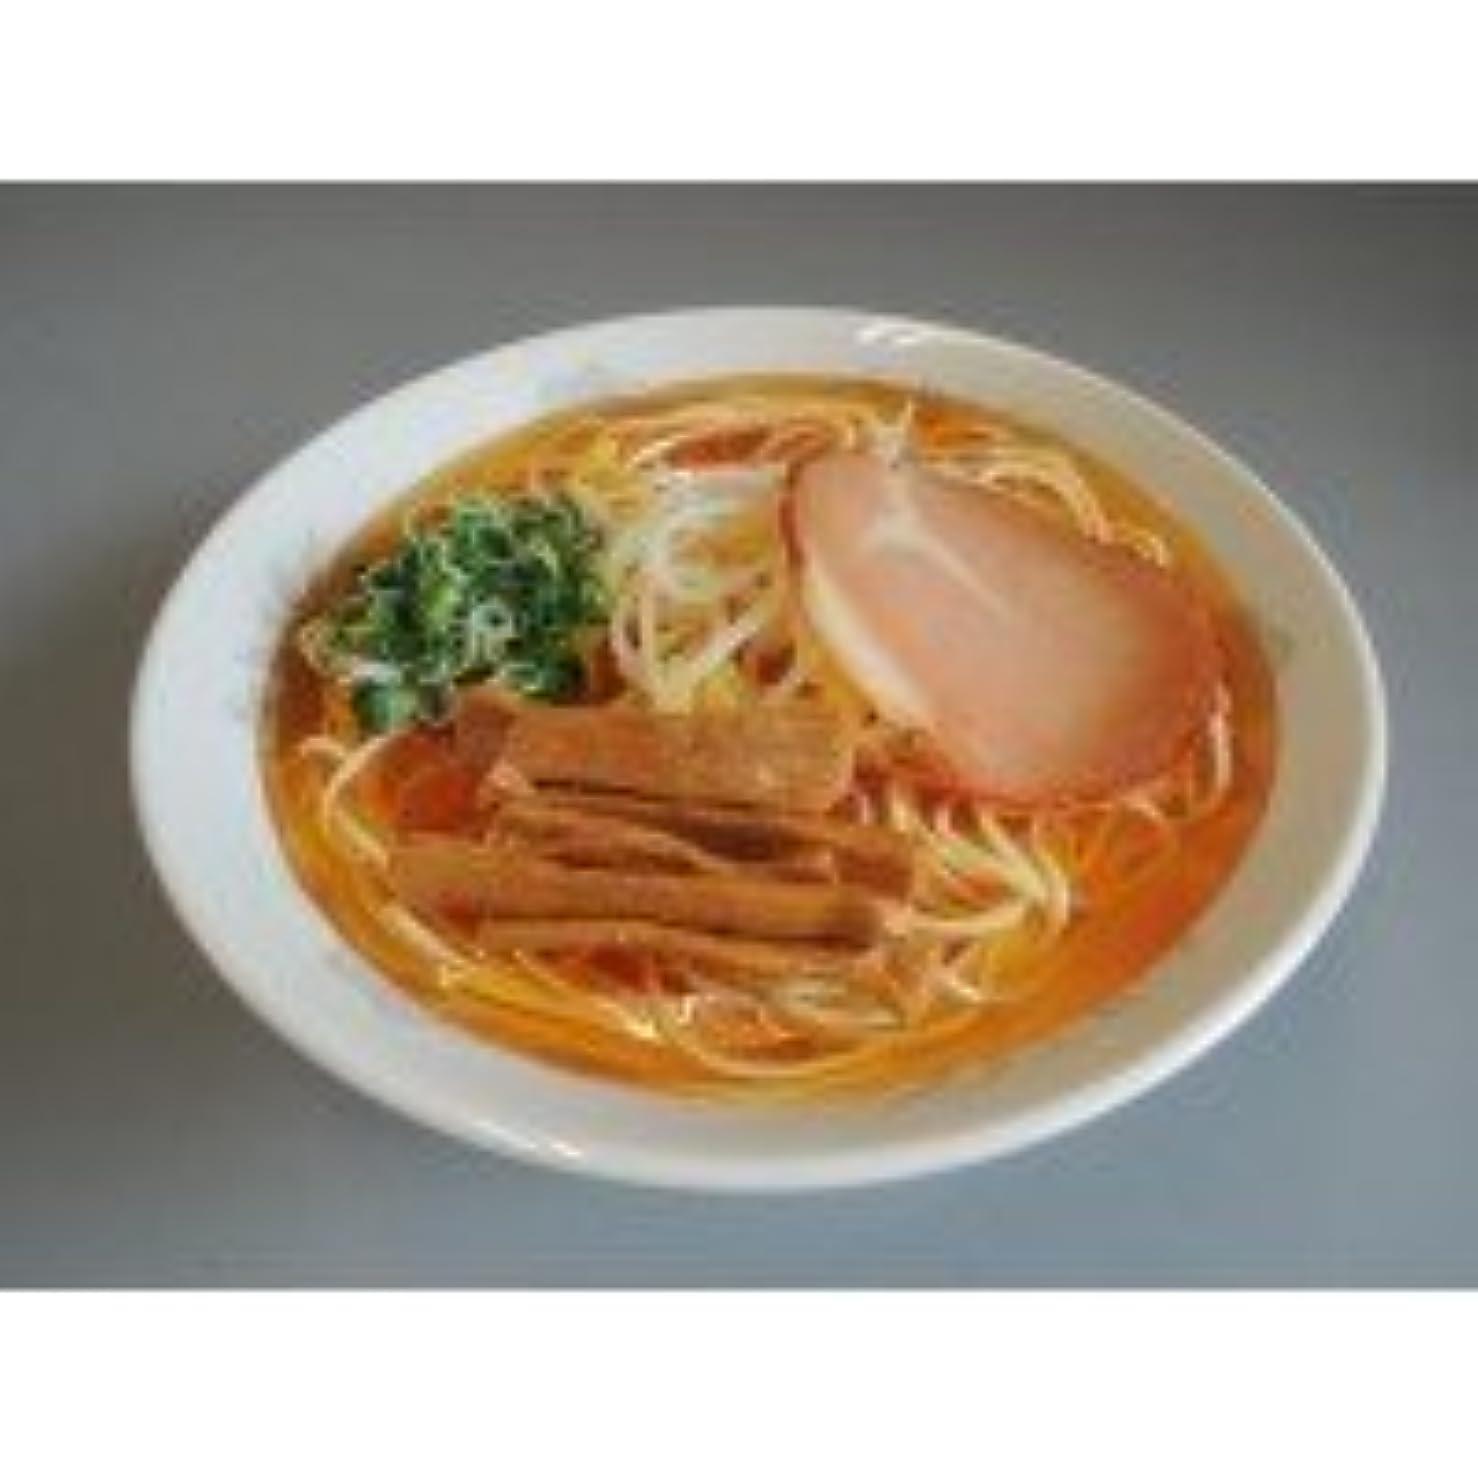 驚いたことに詩テーブルを設定する日本職人が作る 食品サンプル ラーメン IP-163